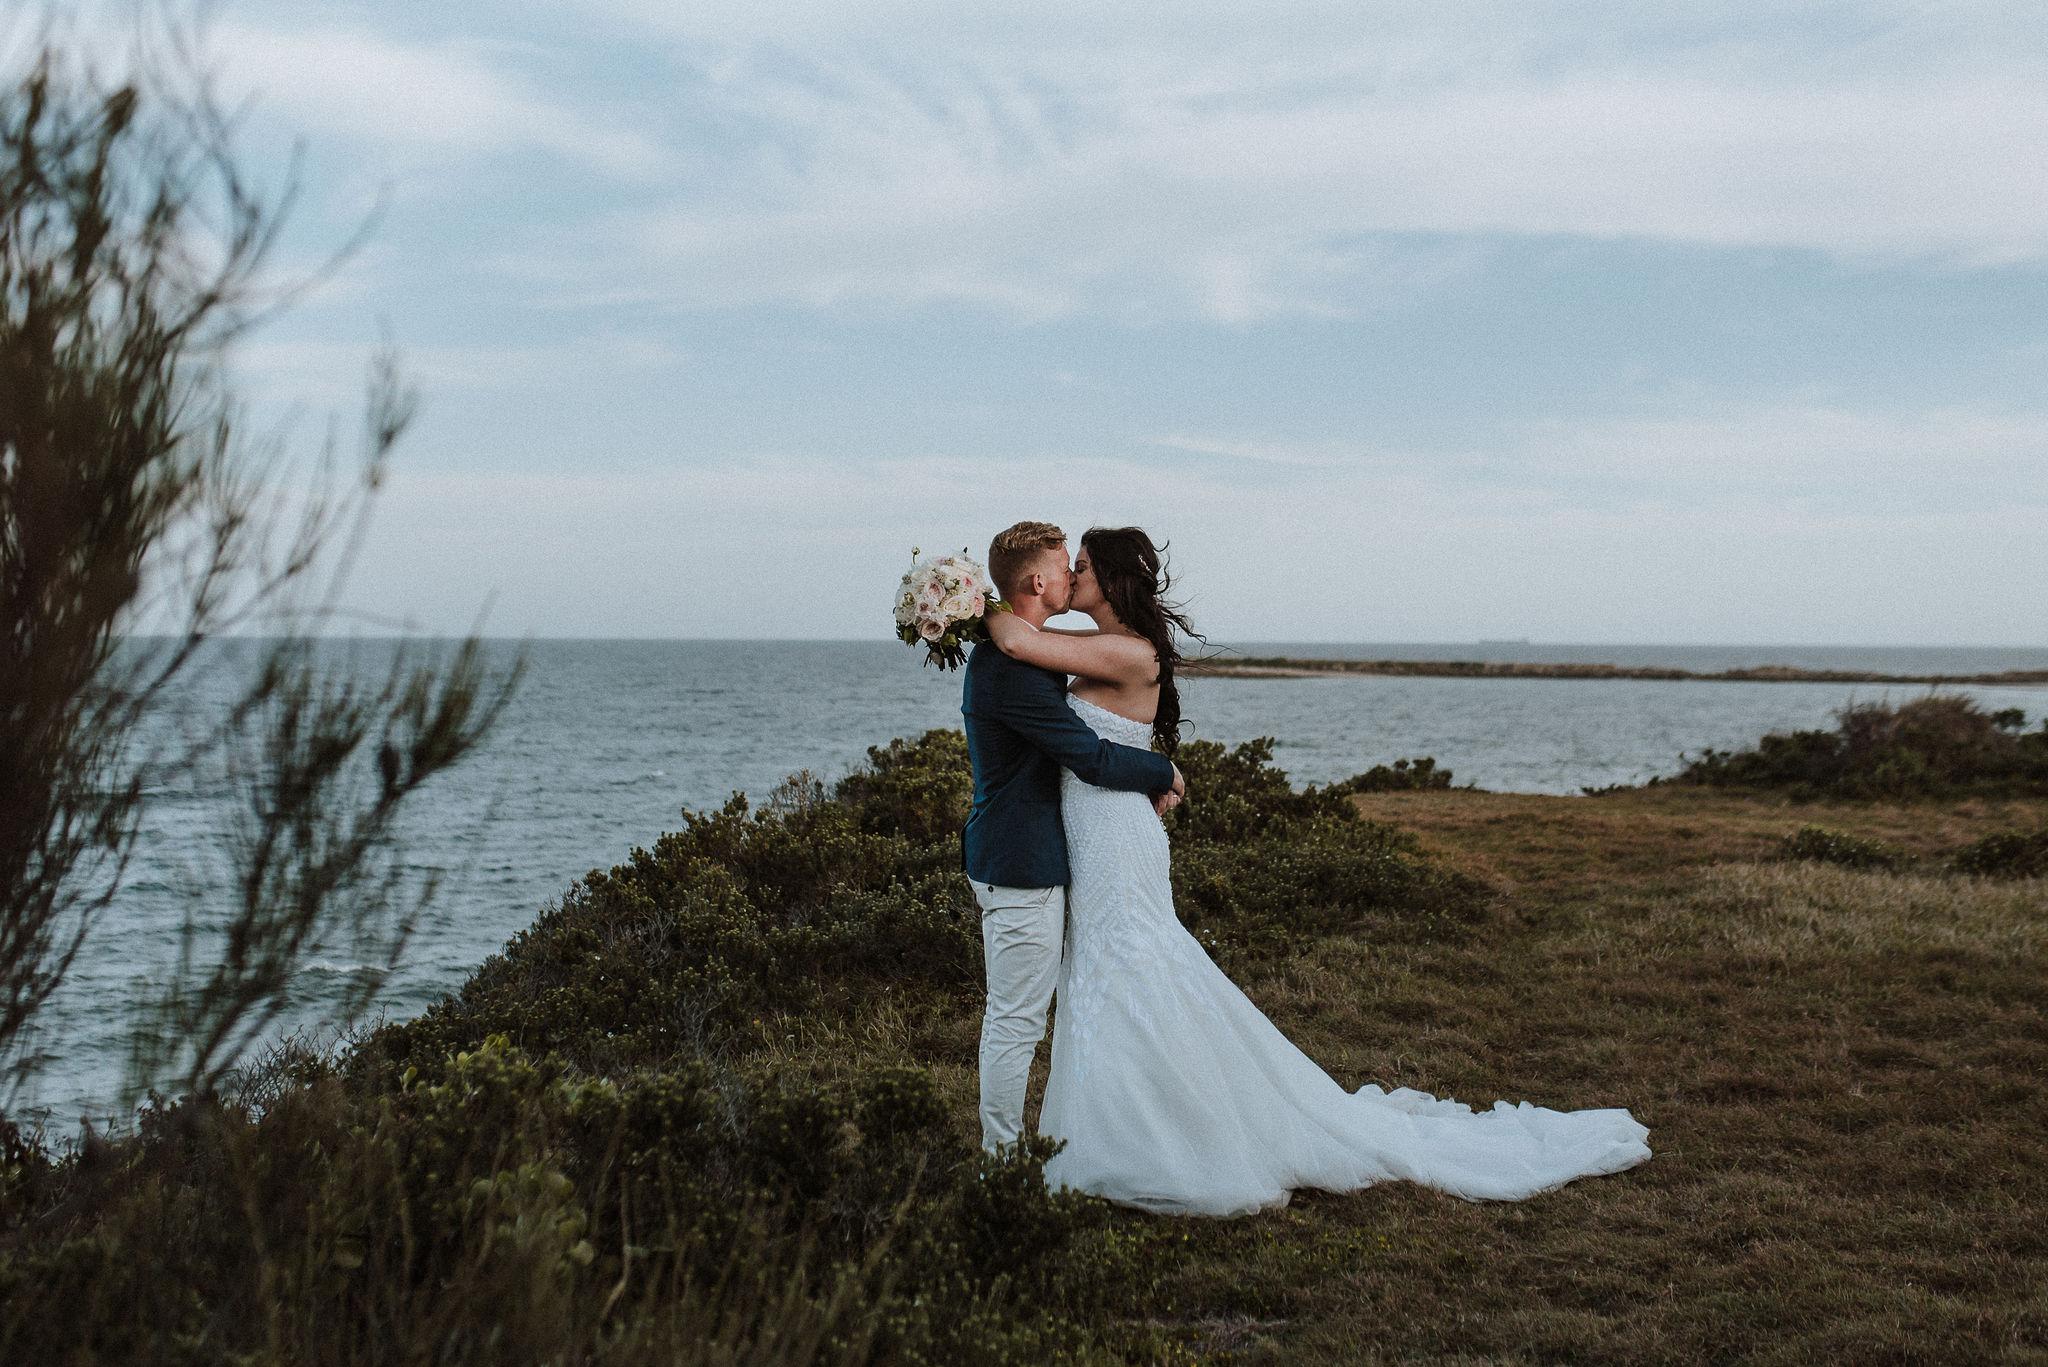 CAVES-BEACH-WEDDING-PATTEN-PREVIEW-7.jpg